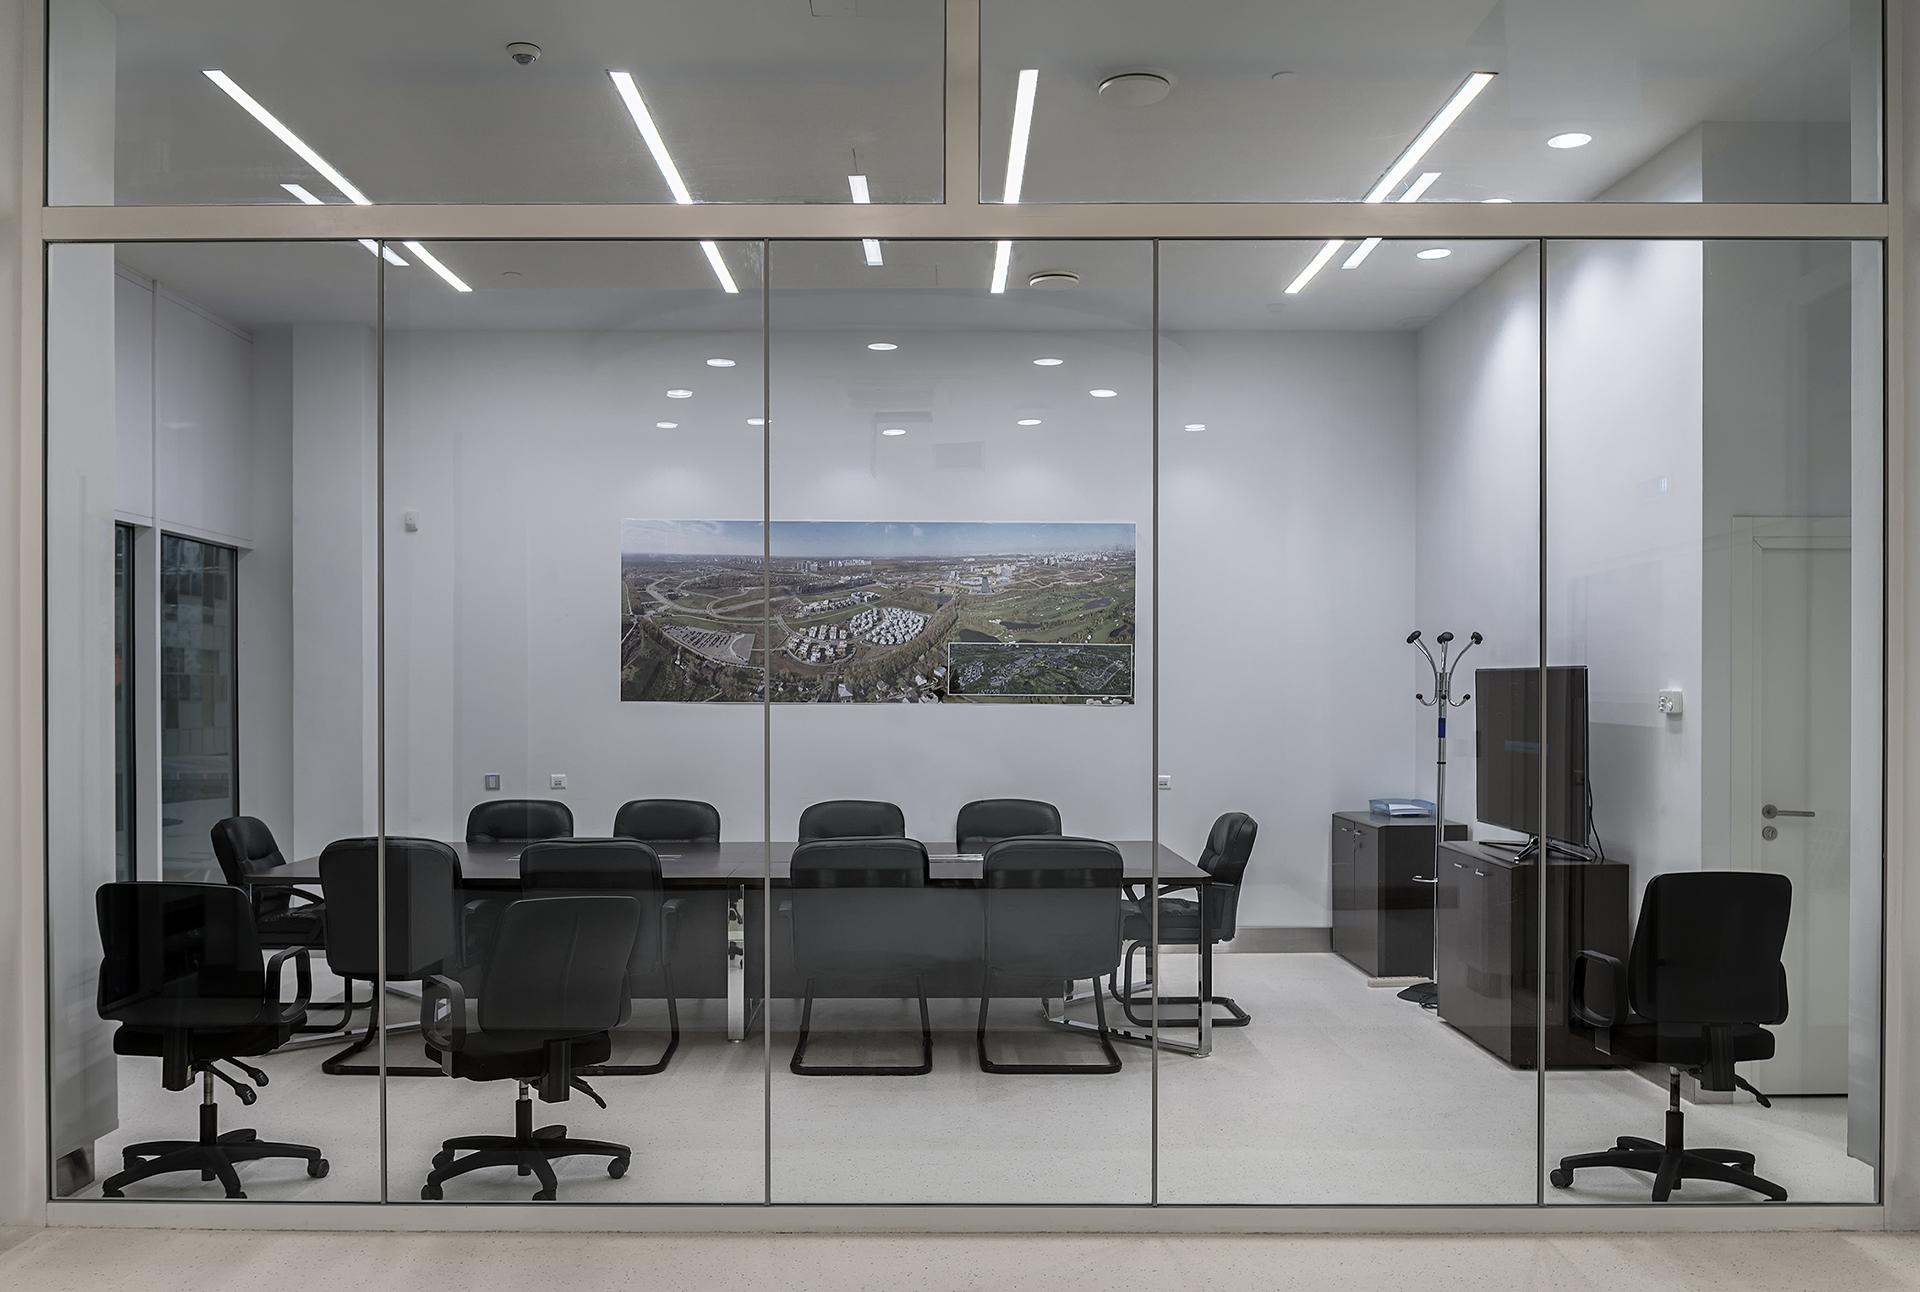 Biuro ze ścianami szklanymi. W środku kilka foteli i stół.